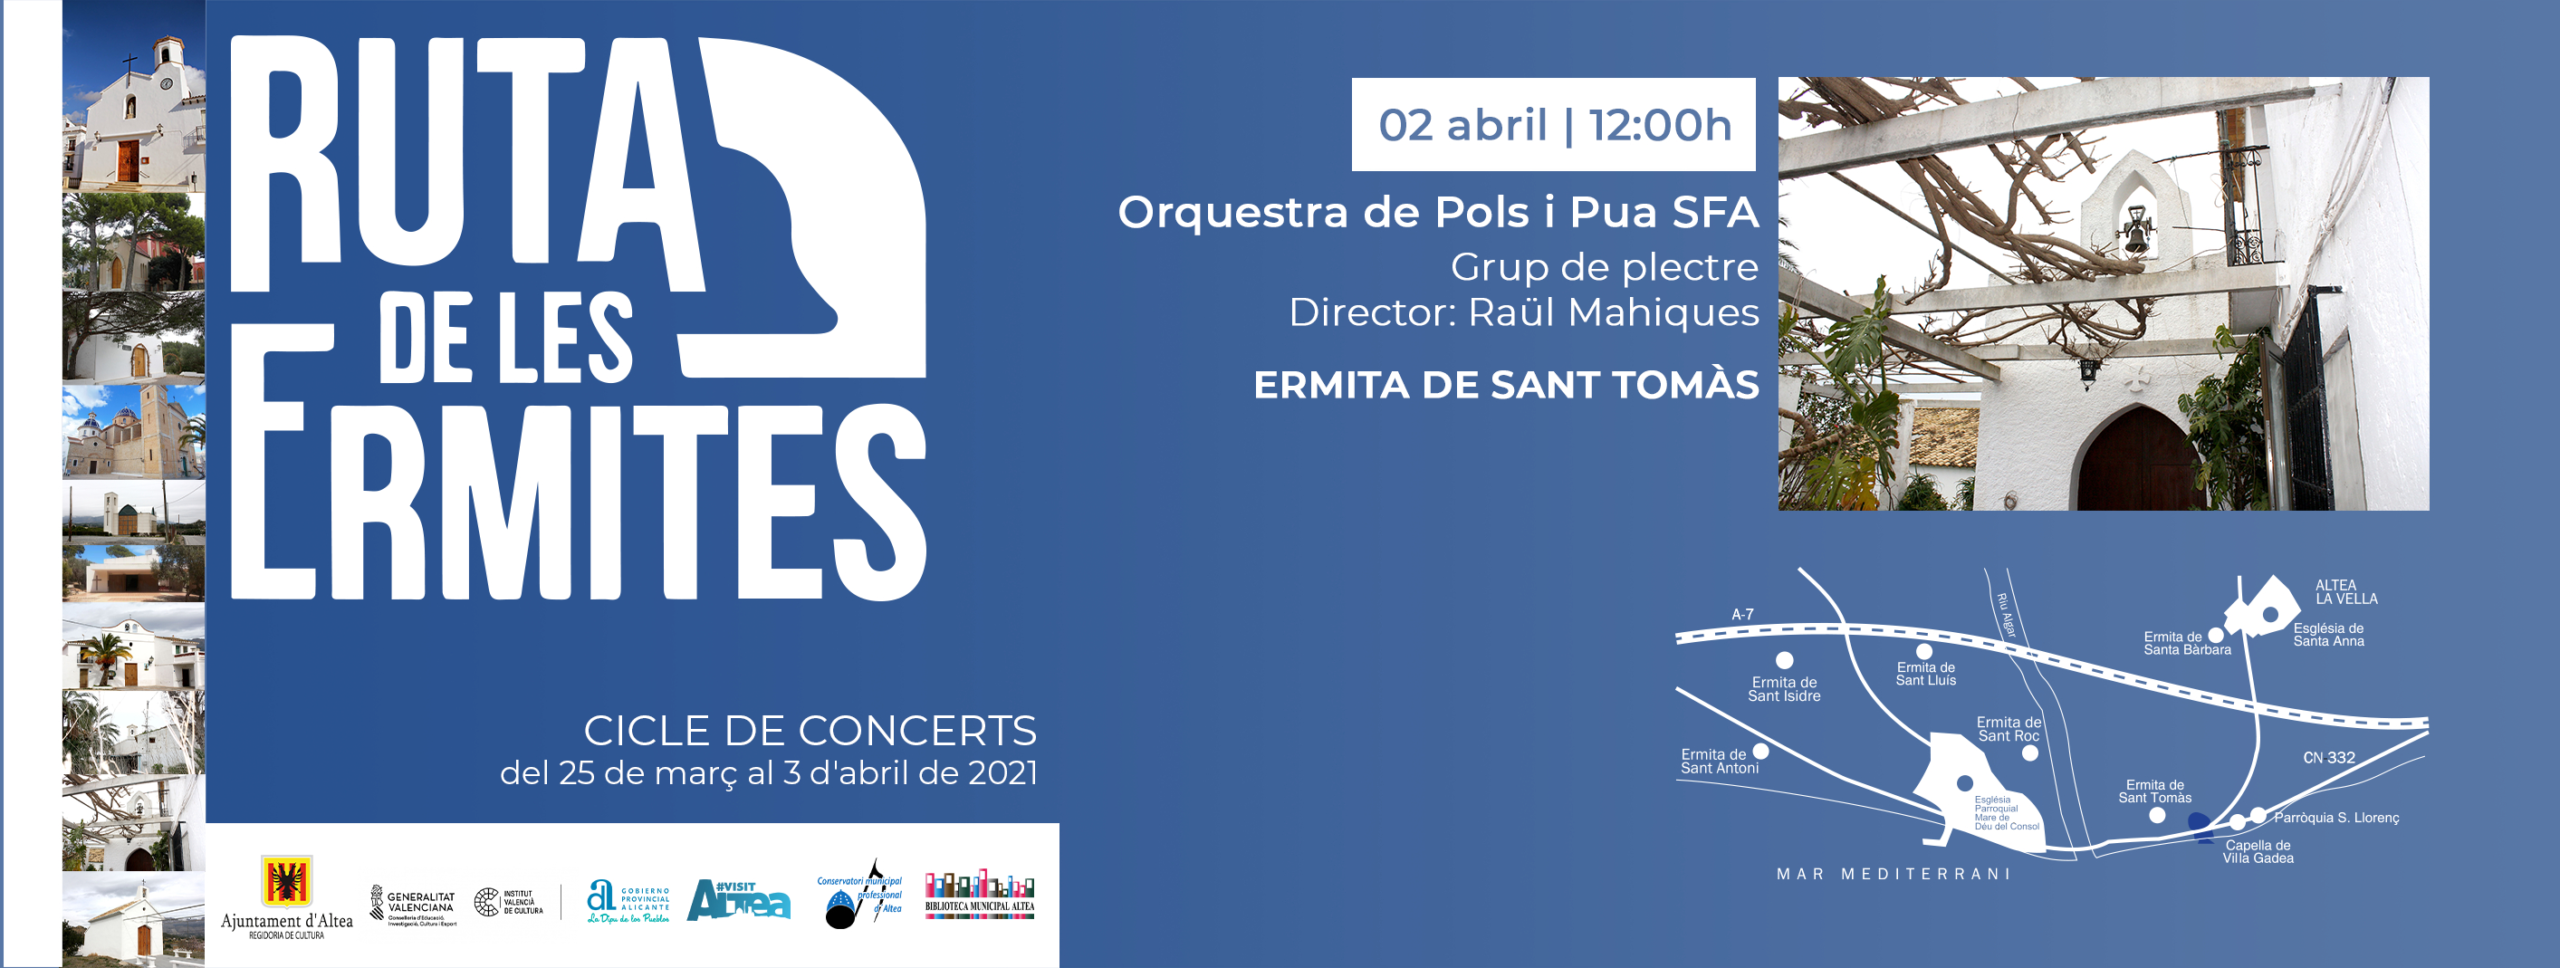 Orquestra De Pols I Pua Sfa - Ruta De Les Ermites Altea with Sfa 2021 Calendar